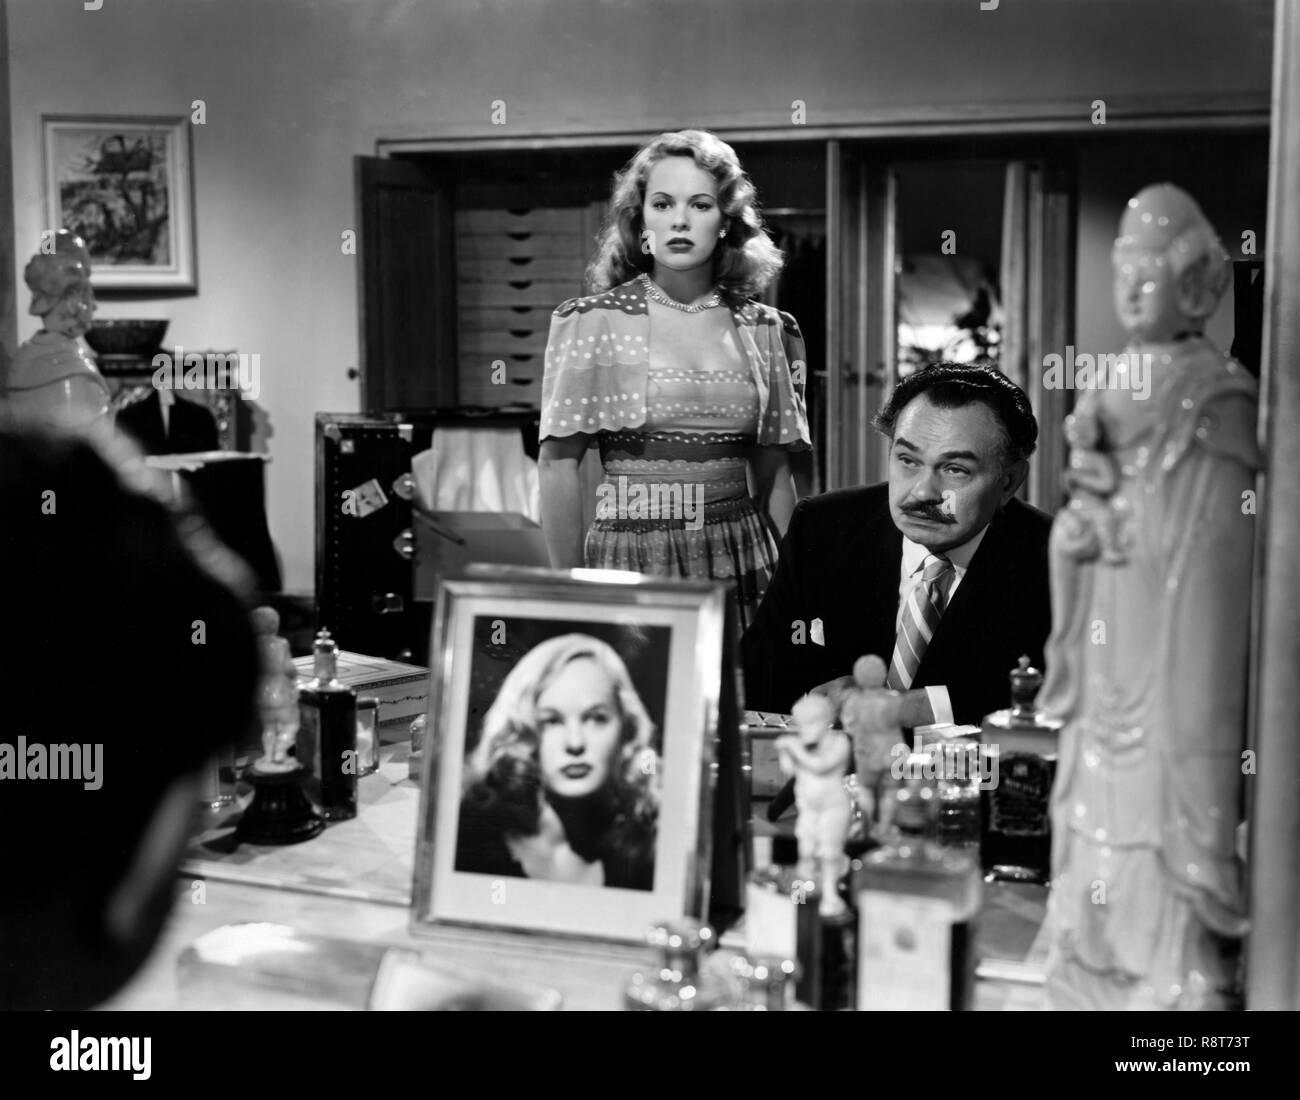 Prod DB © London Film Productions/DR SOHN GRAND AMOUR MEINE TOCHTER FREUDE de Gregory Ratoff 1950 GB Peggy Cummins Edward G.Robinson. d'Apres Le Roman 'D Stockbild